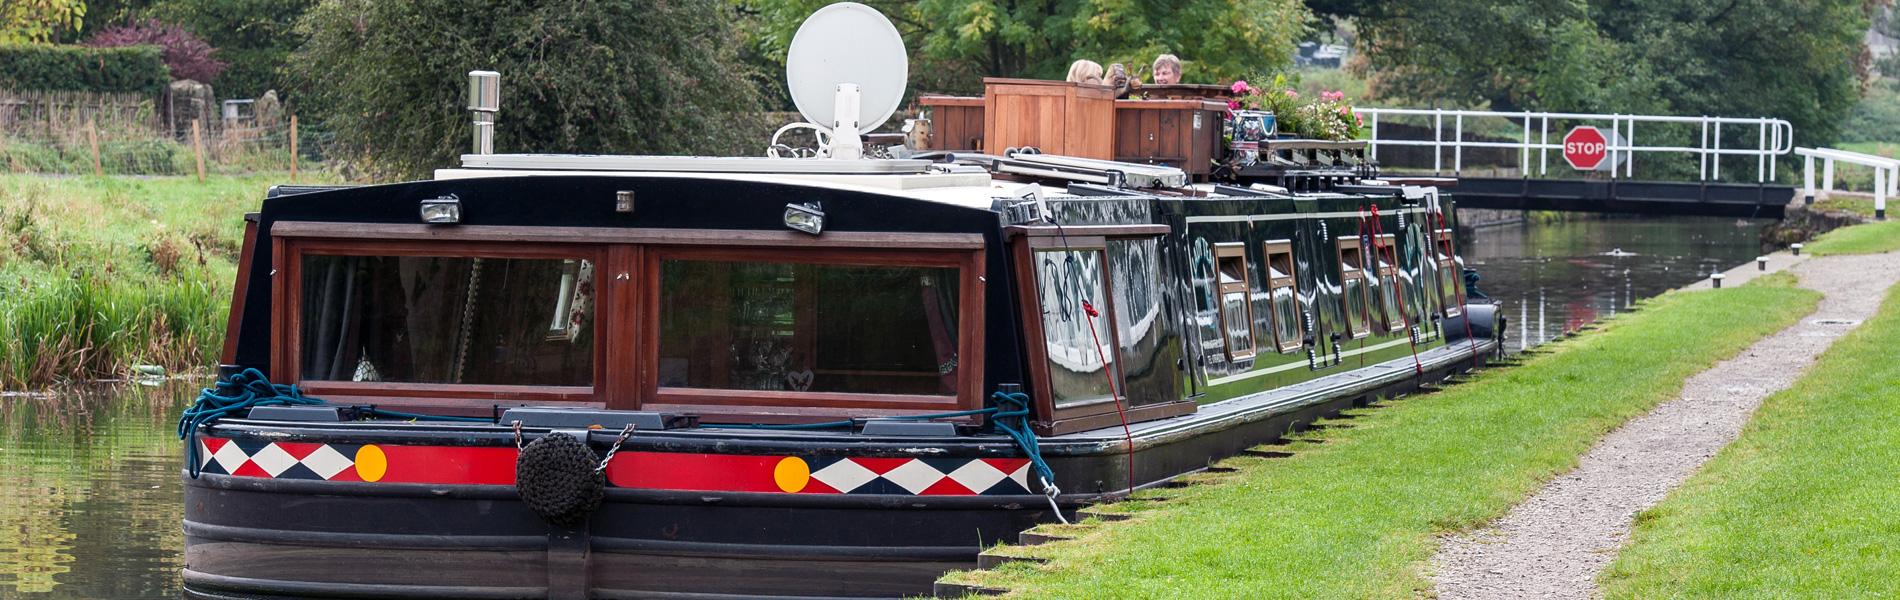 Inside a luxury river boat hotel